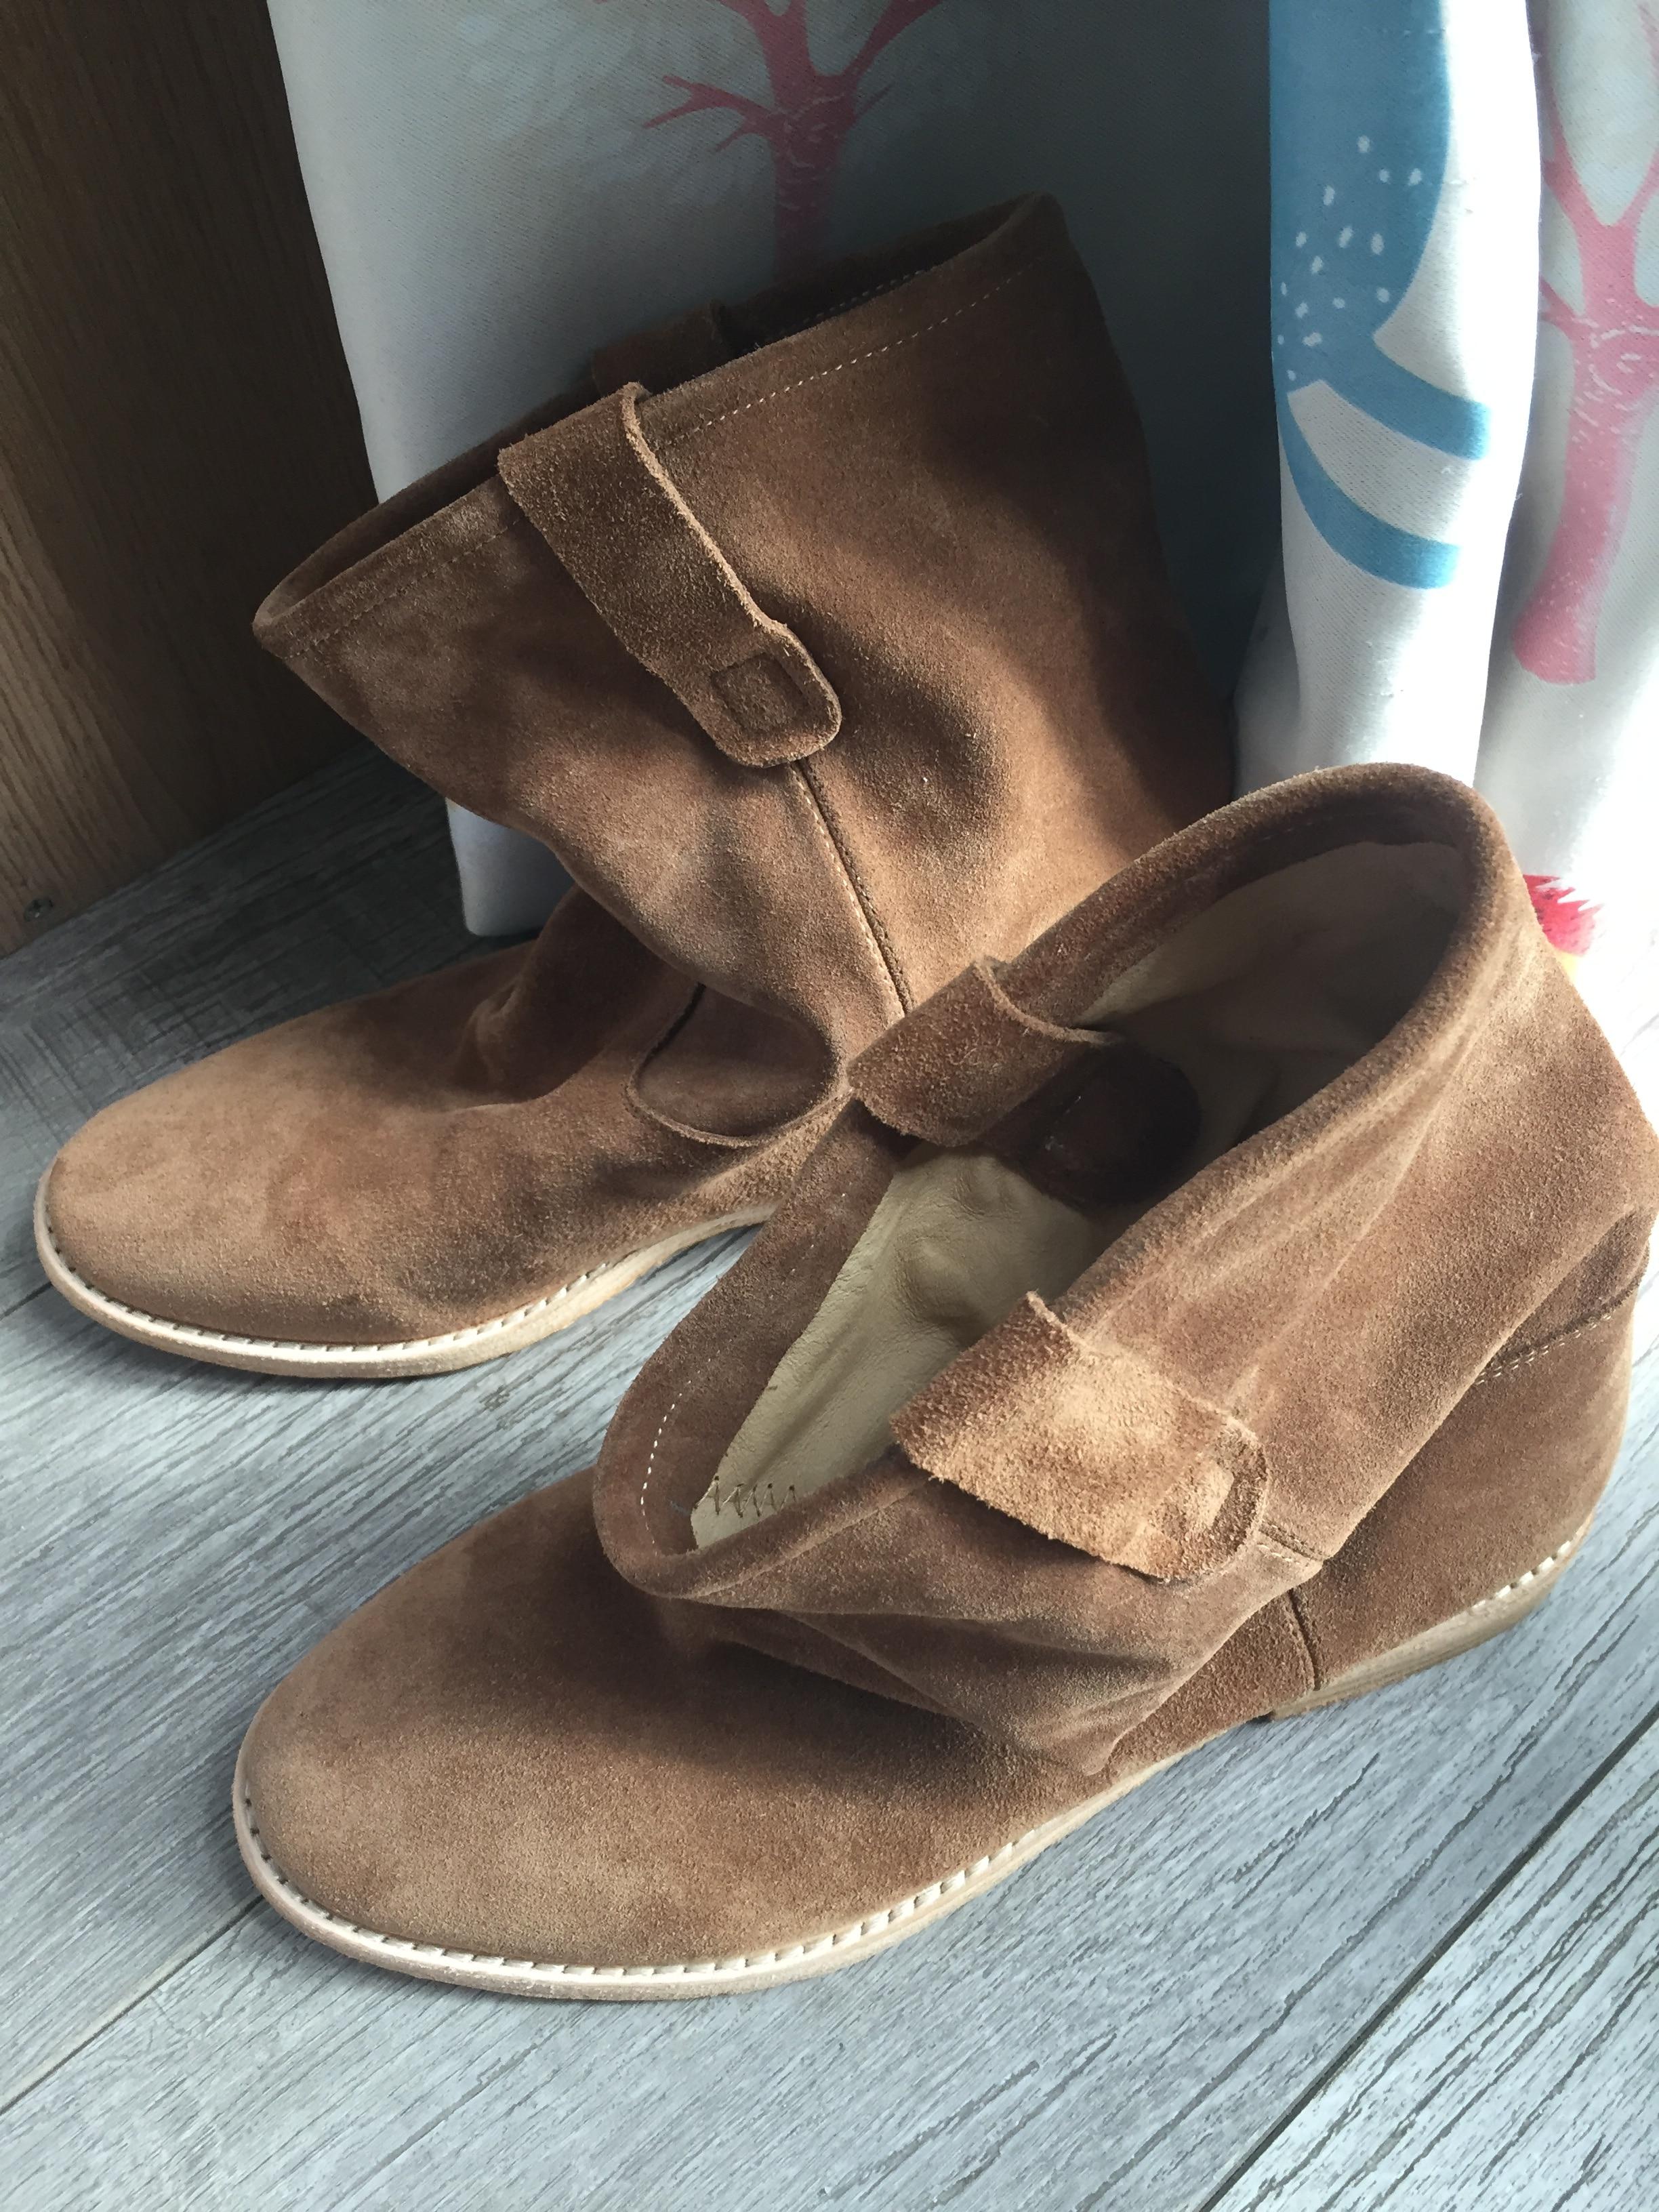 Ayakk.'ten Ayak Bileği Çizmeler'de Sıkıntı Düz/Yükseklik Artan Topuklu Rahat yarım çizmeler Retro Kovboy Çizmeleri Coy Deri Batı Çizmeler Yüksek Moda Kadın Ayakkabı'da  Grup 1